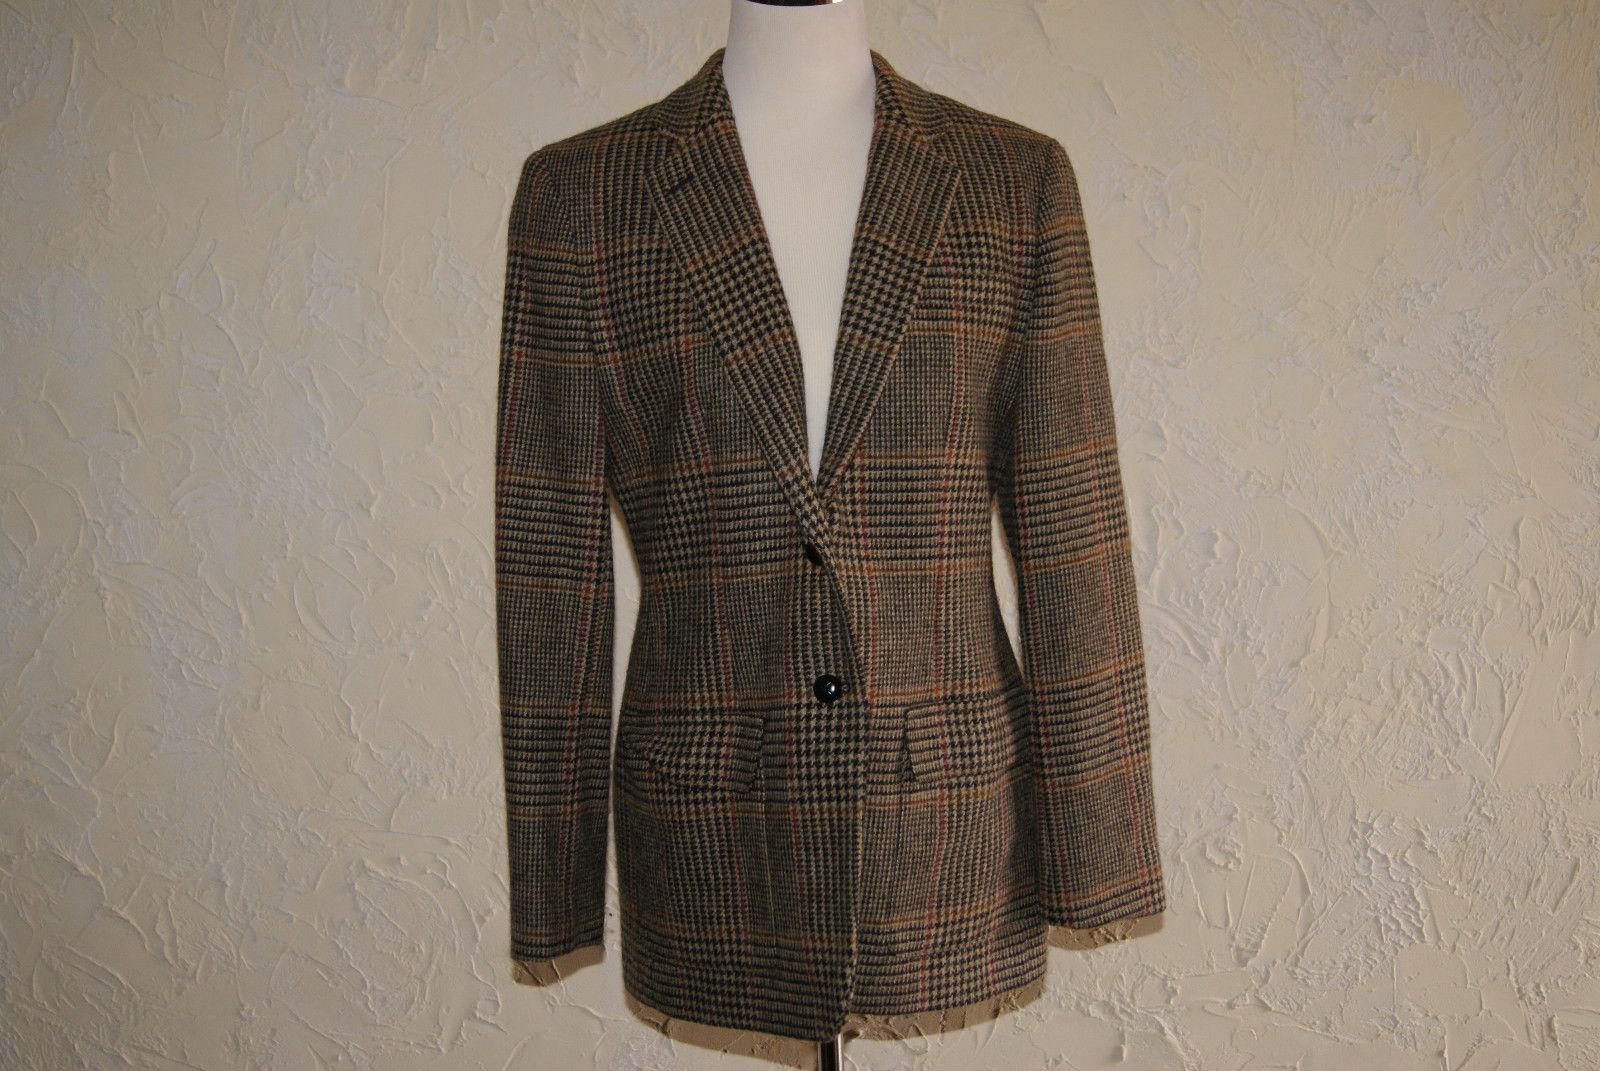 Lauren jacket